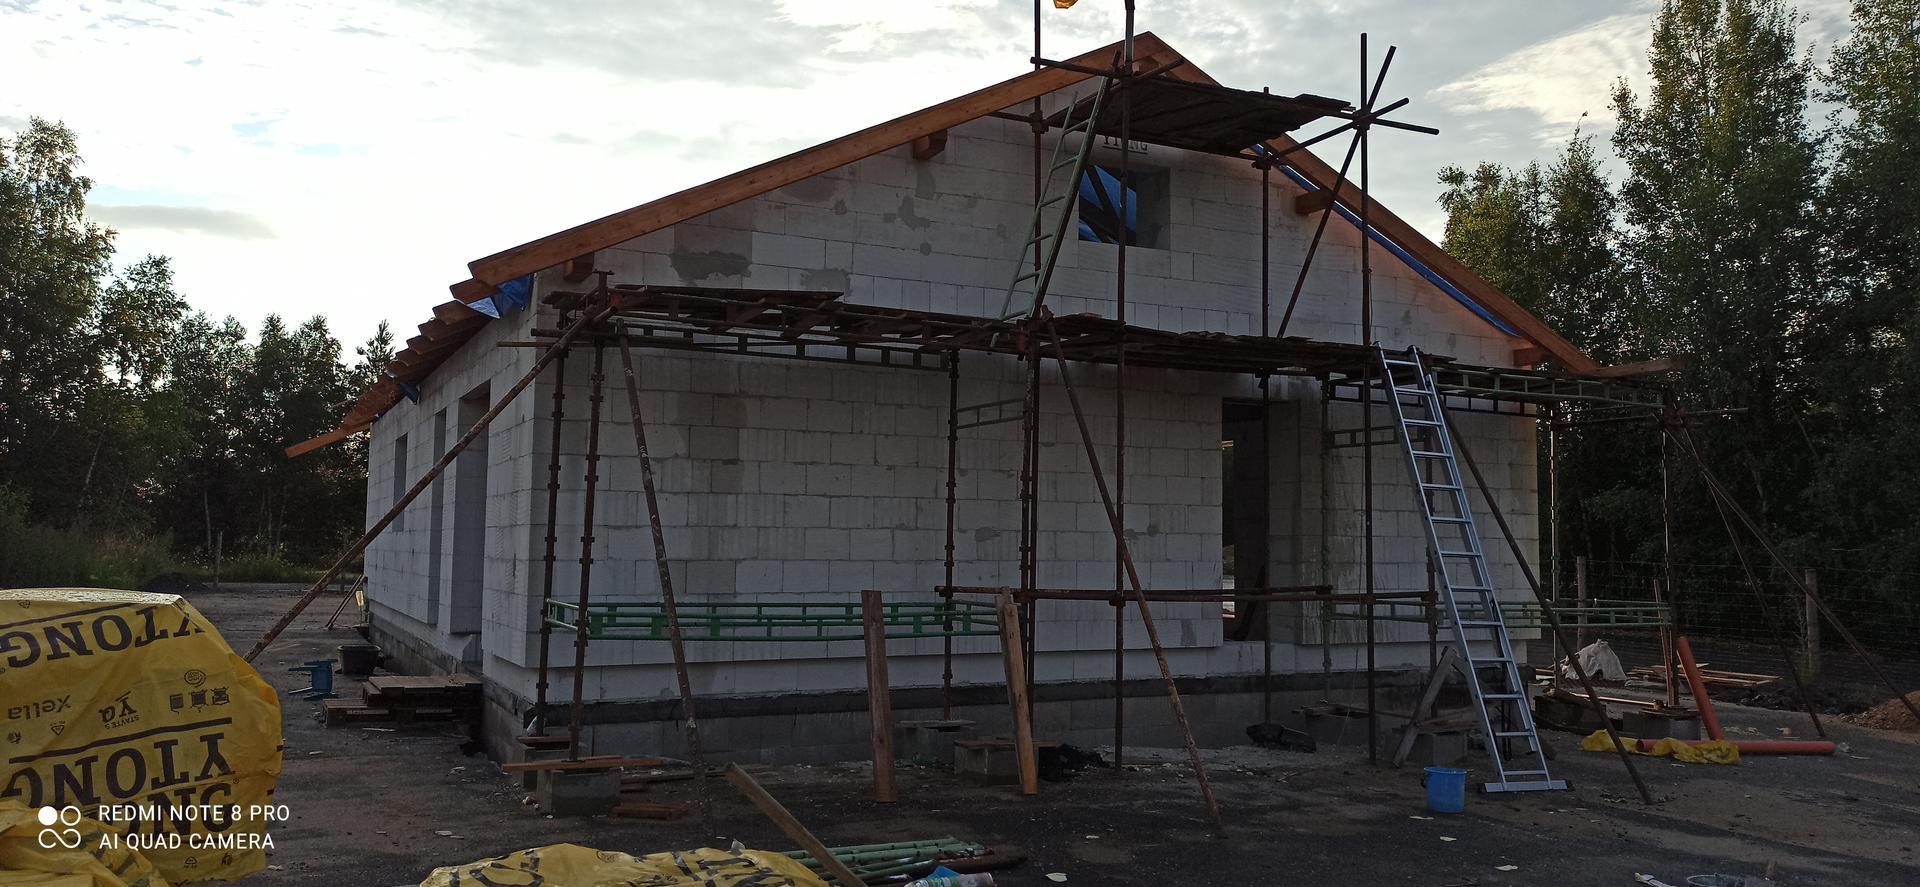 Střecha - druhá východní strana štítu, natřené pozednice a vaznice, opracované konce krokví.